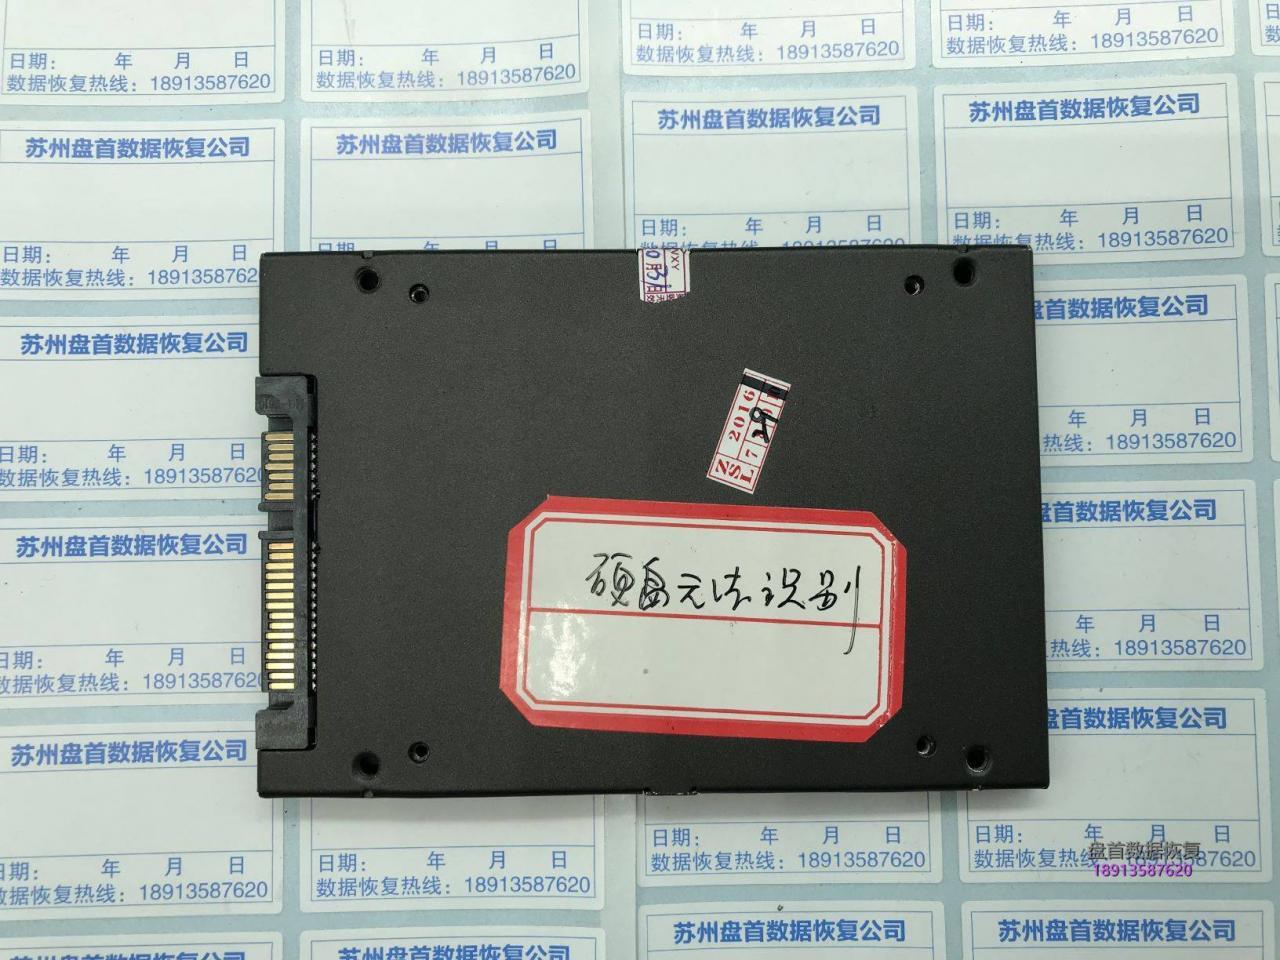 二次恢复金士顿SV300S37A240G固态硬盘SM2256K主控无法识别读不到盘芯片级数据恢复成功